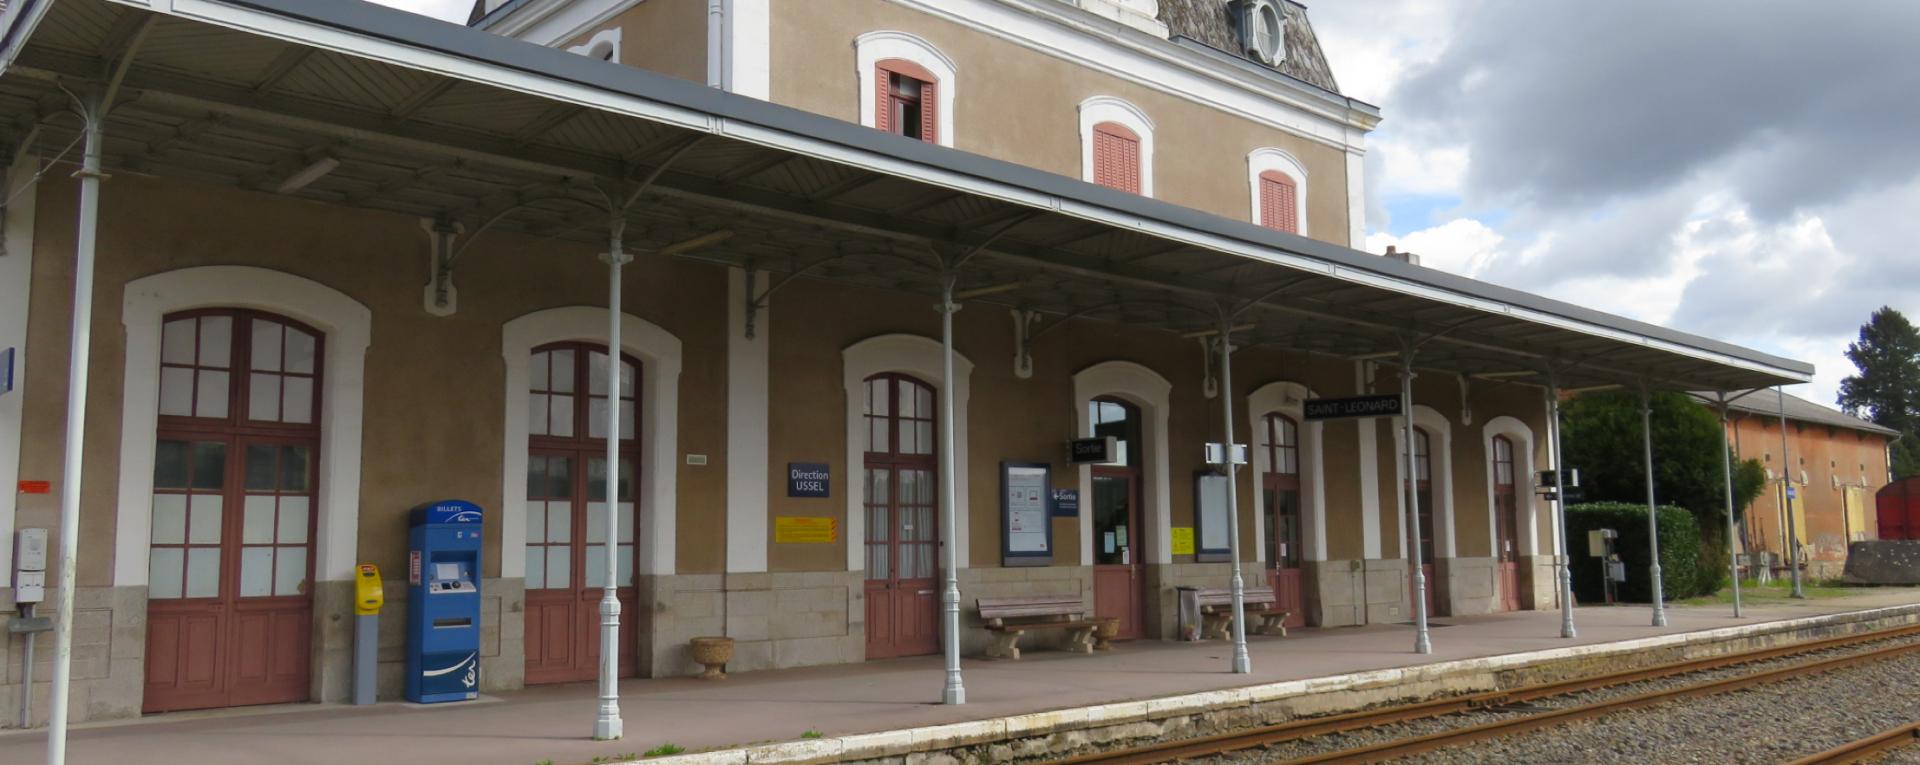 Projet de circulations ferroviaires touristiques - Saint-Léonard-de-Noblat [87]